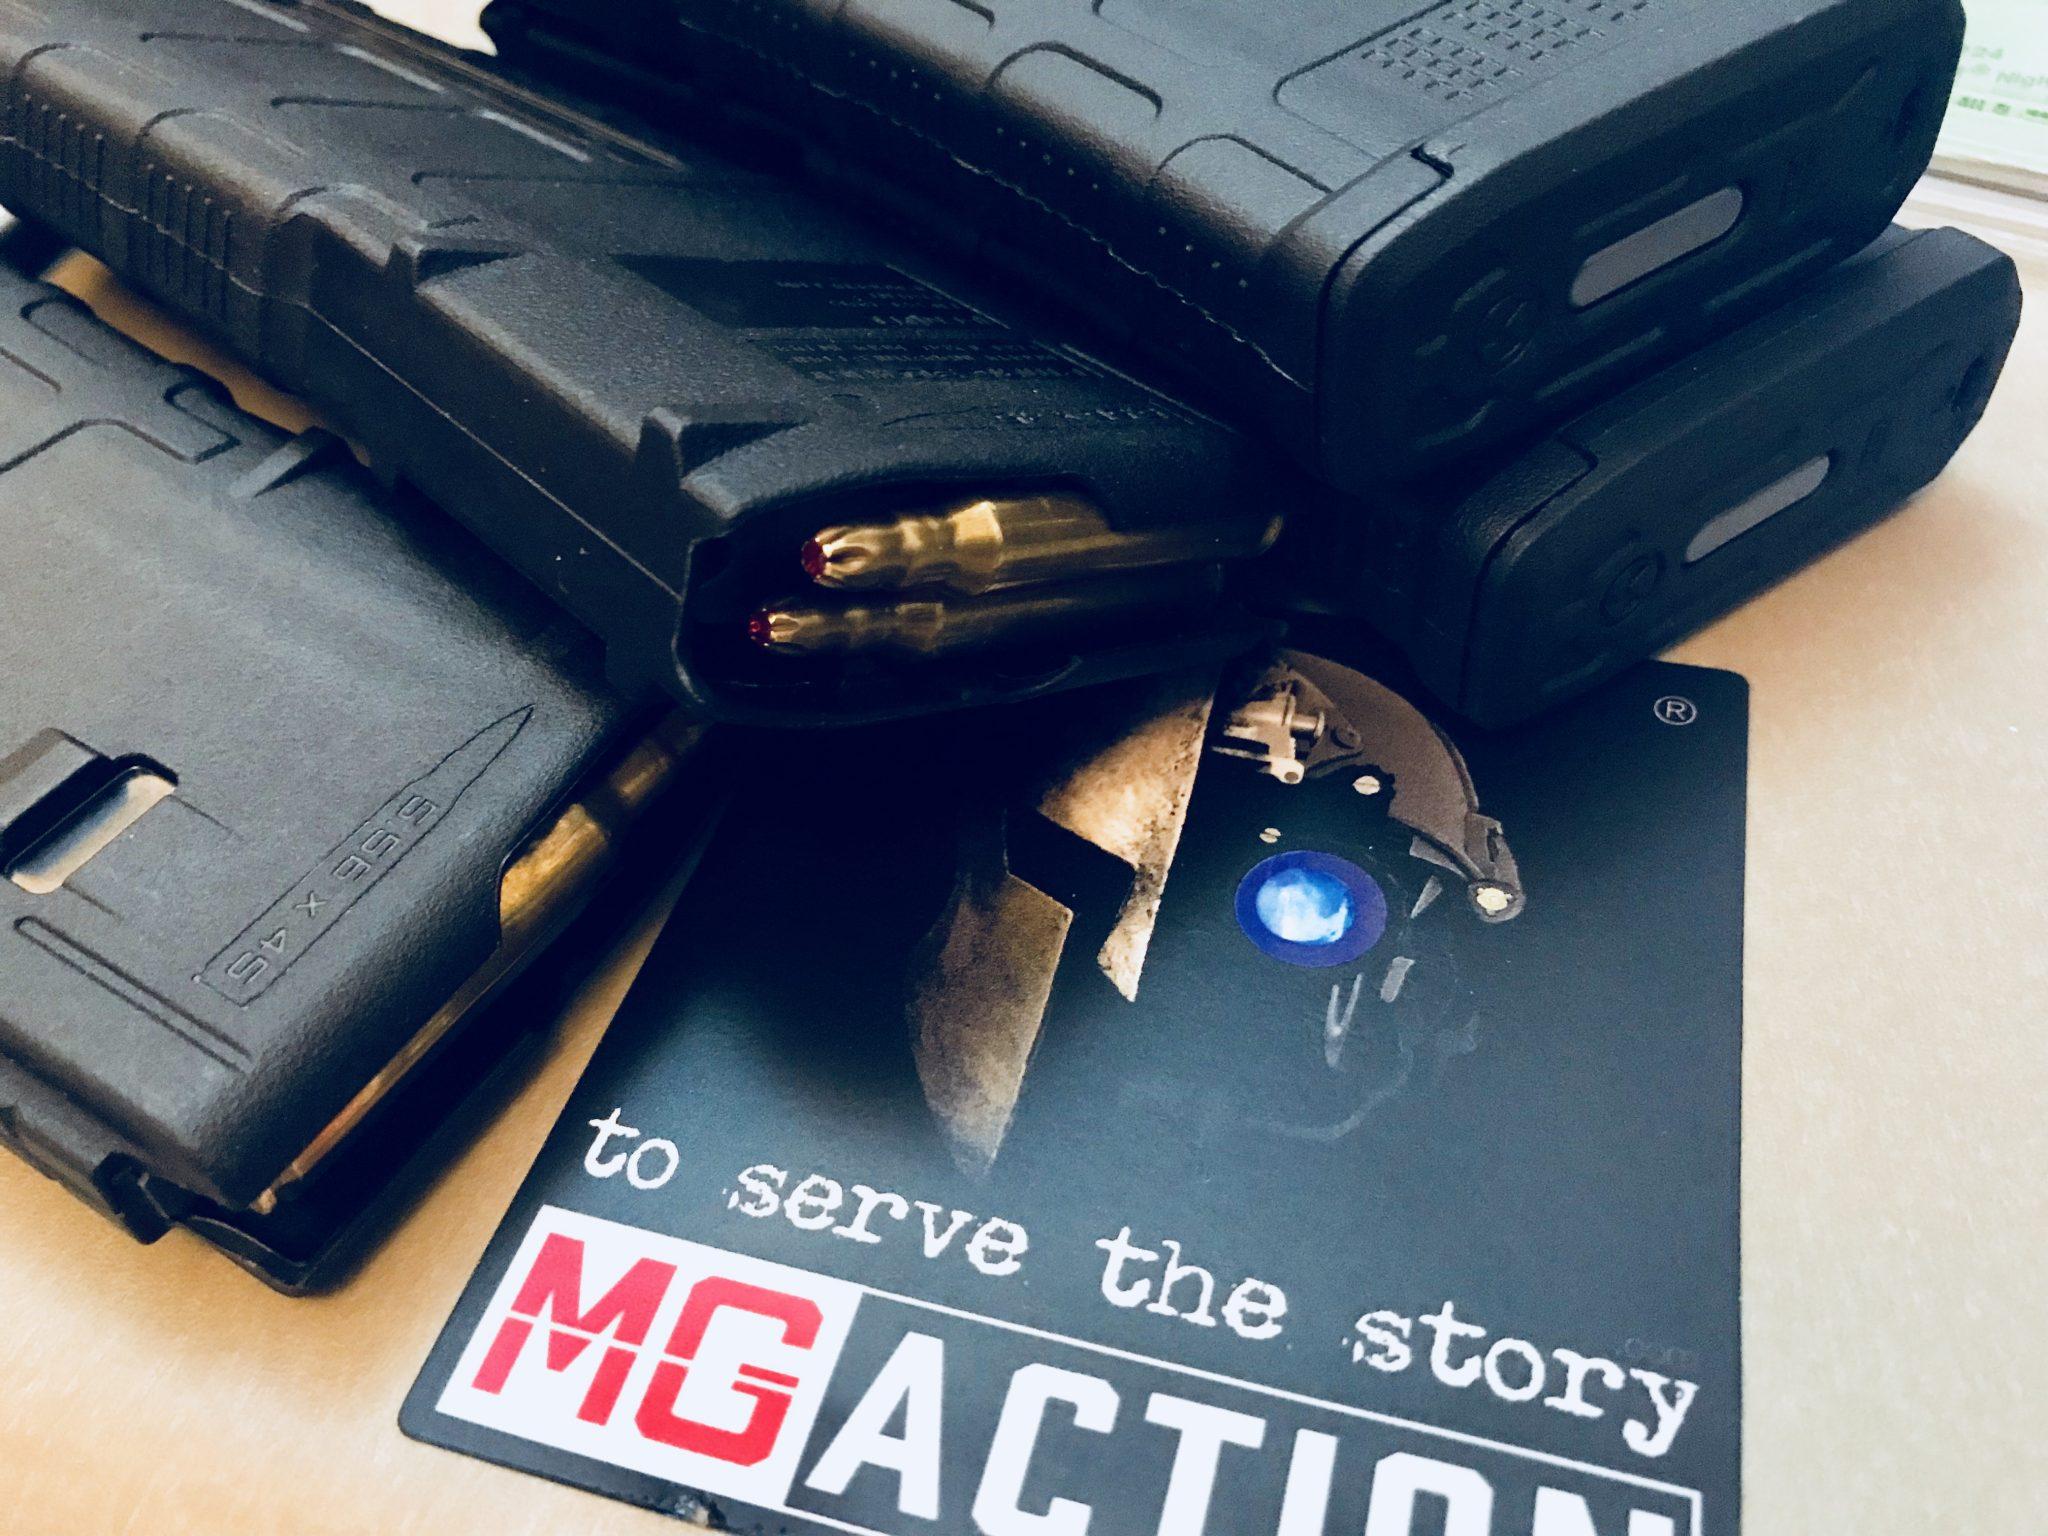 Filmwaffen, Movie guns, to serve the story, MG Action, Martin Goeres, Full Action Service Deutschland, Waffen für Film